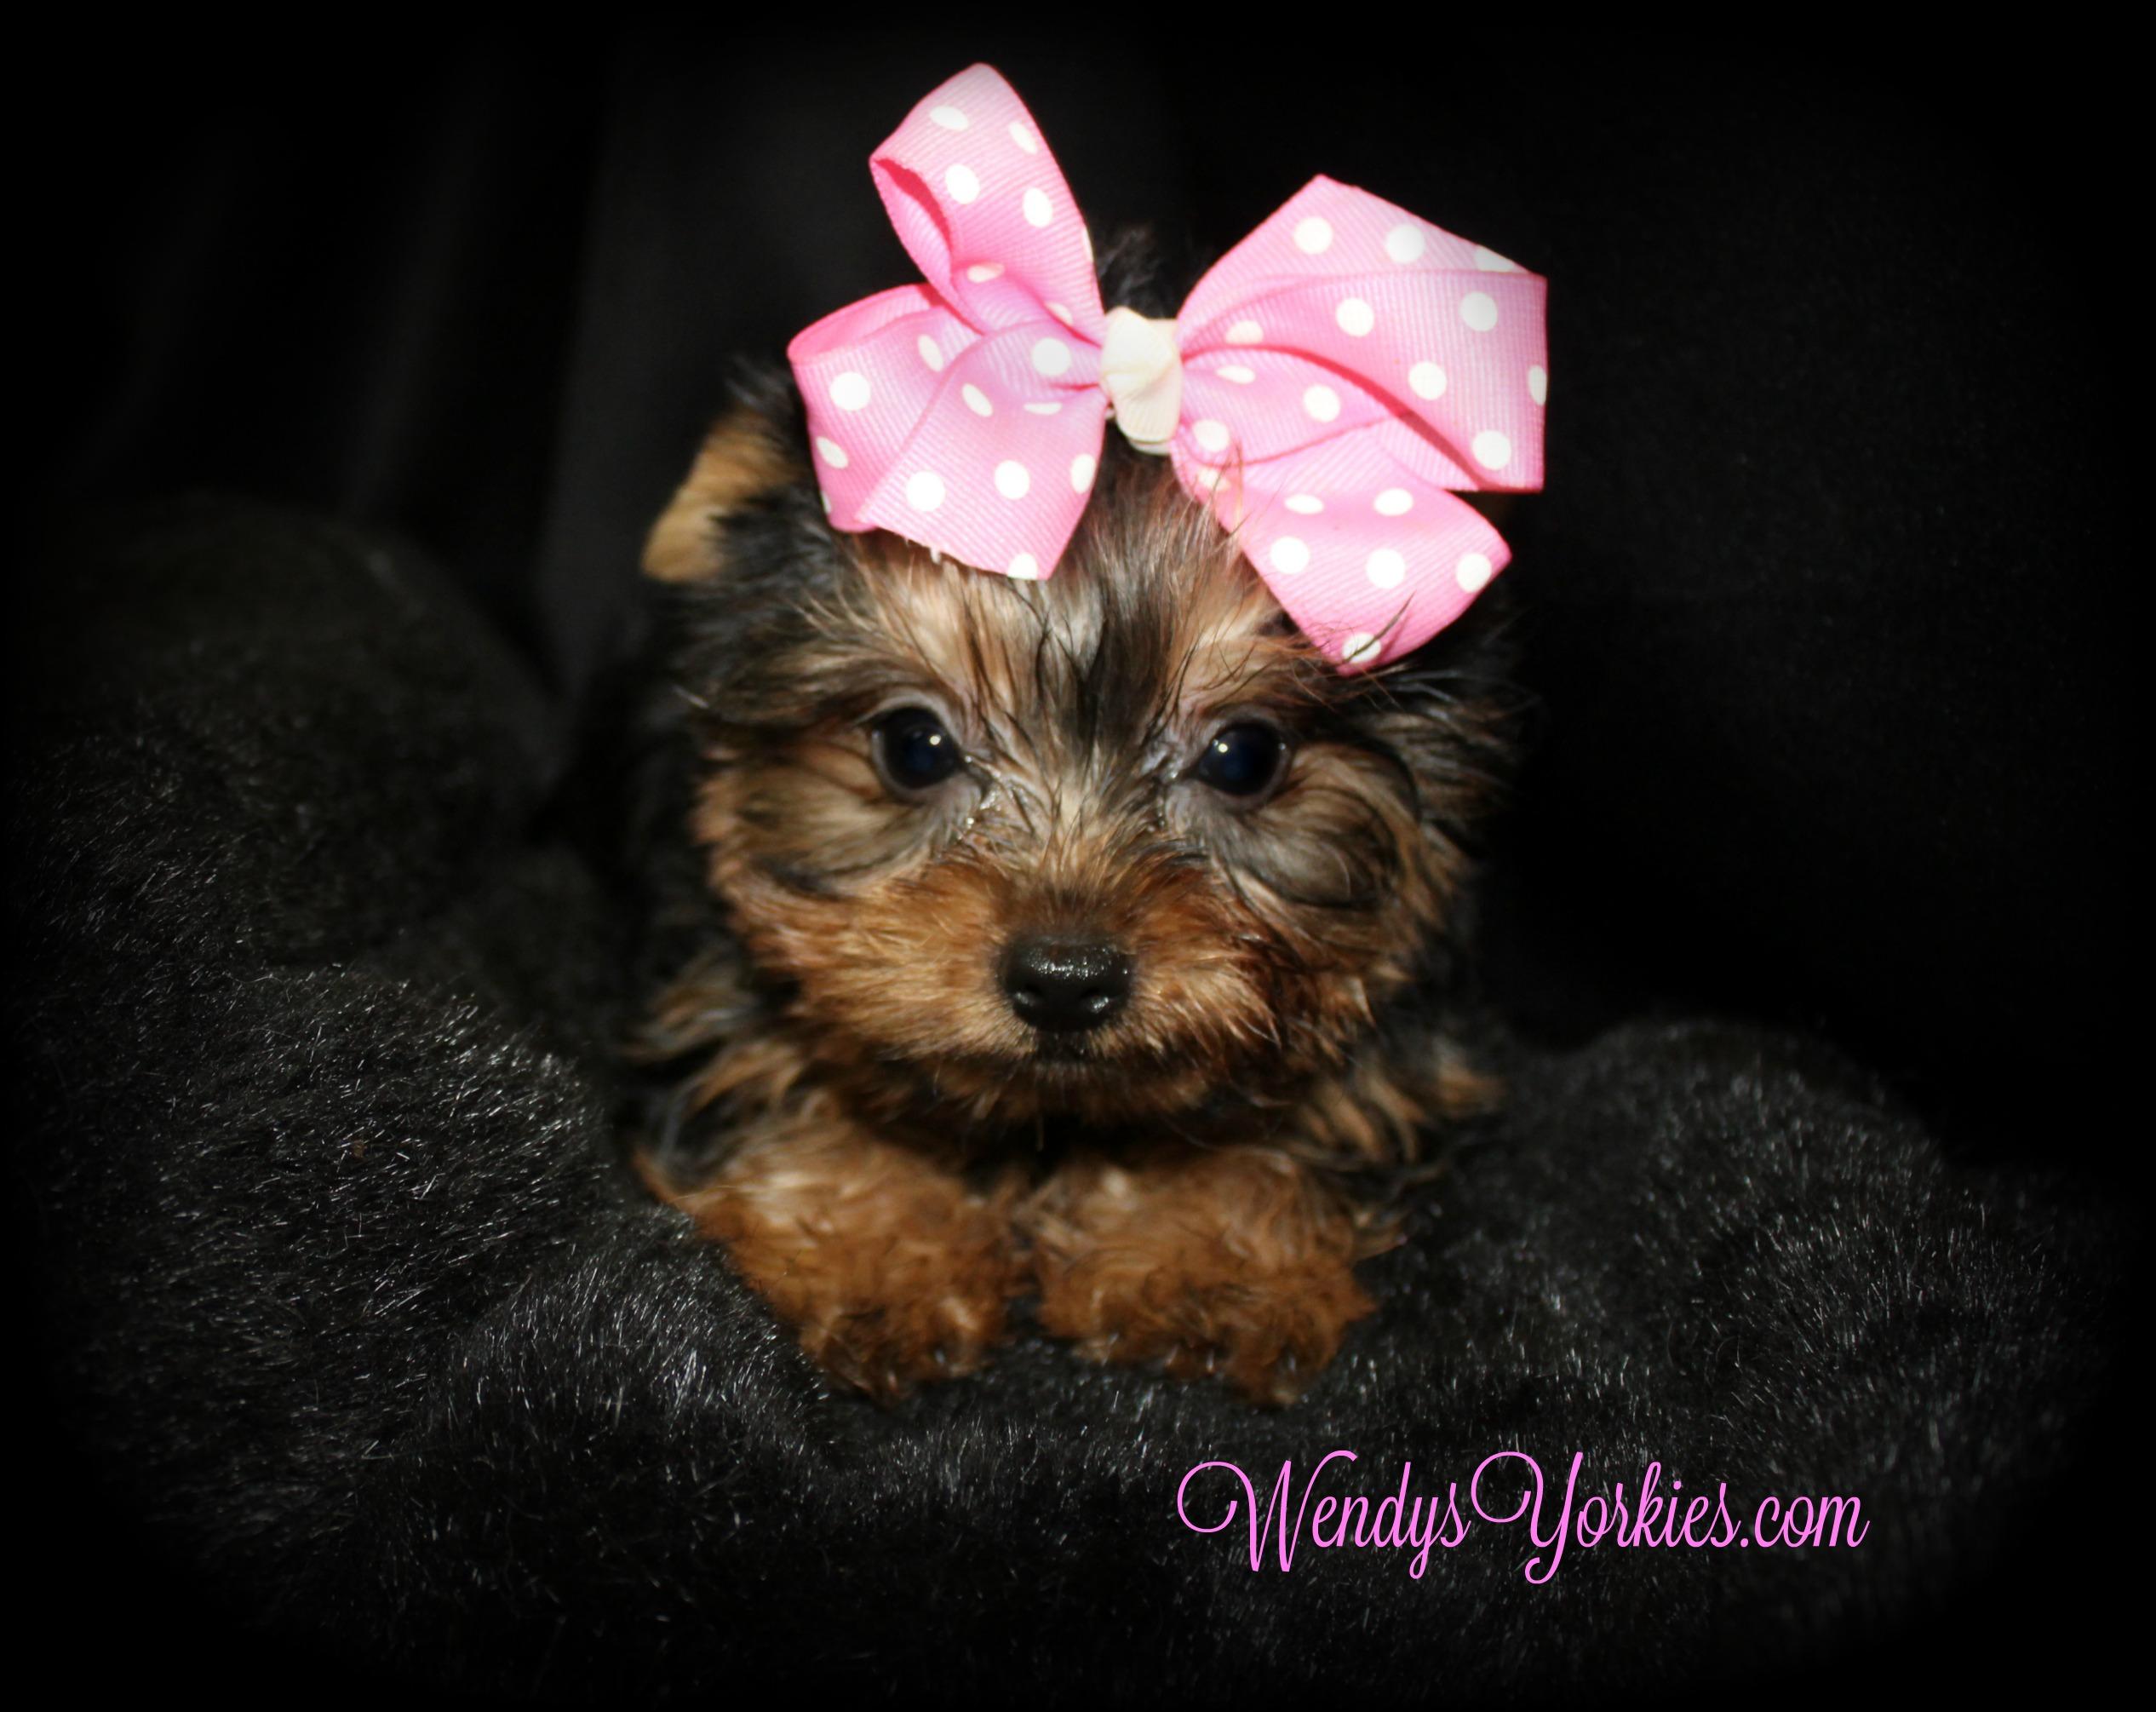 Yorkie puppy for sale, WendysYorkies.com, Grace fMinnie